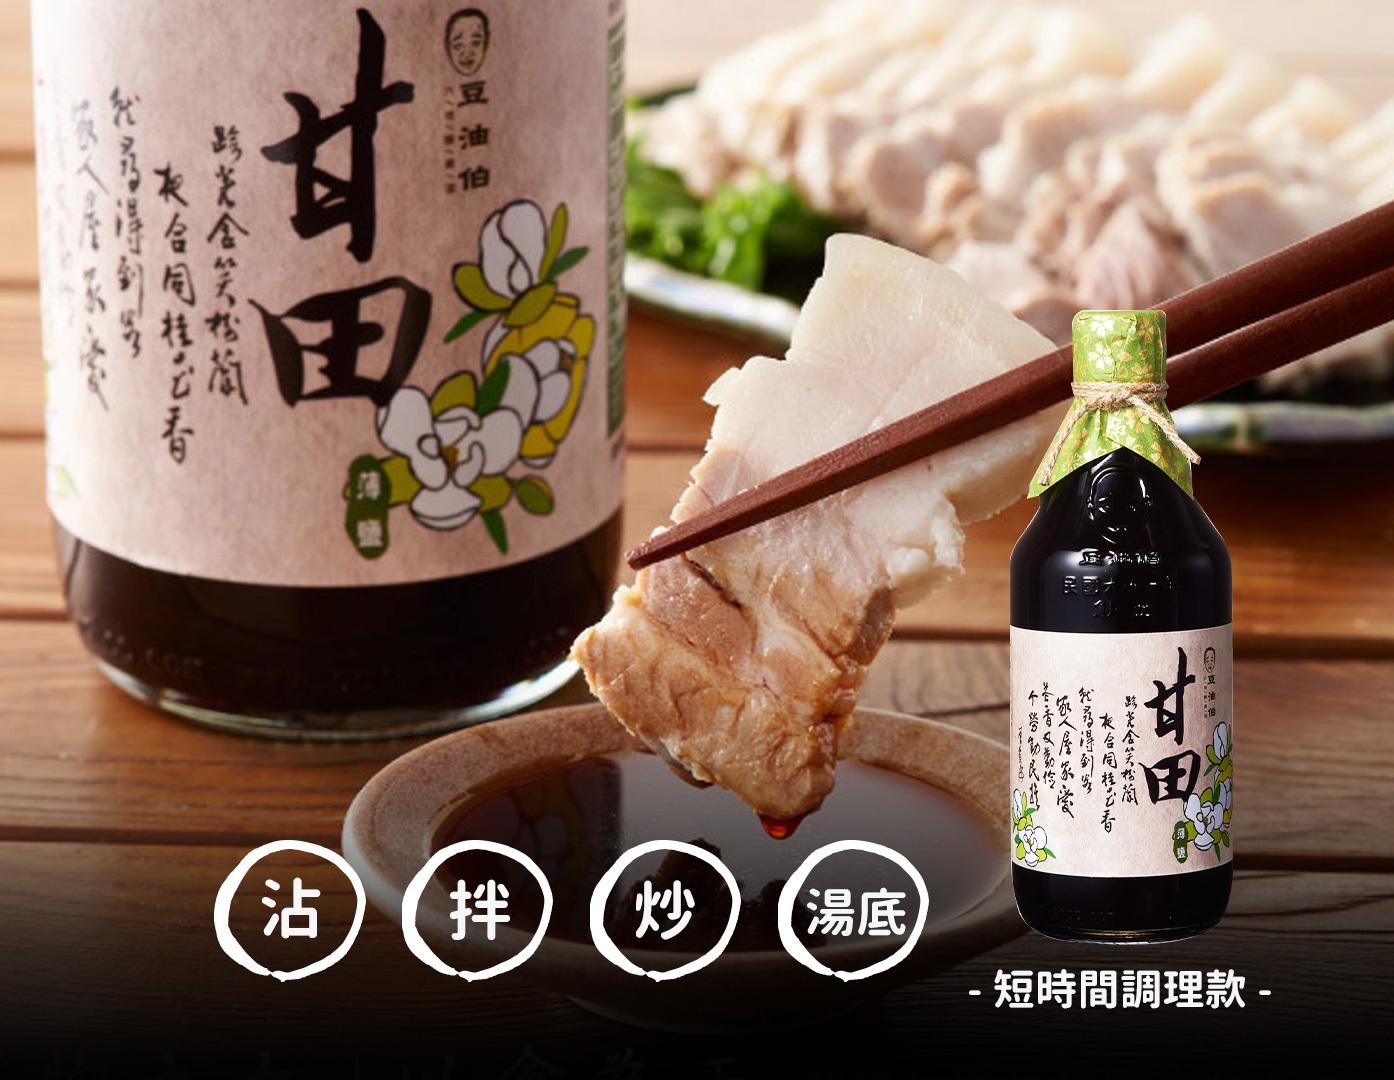 【豆油伯】缸底醬油+甘田醬油500ml*10入